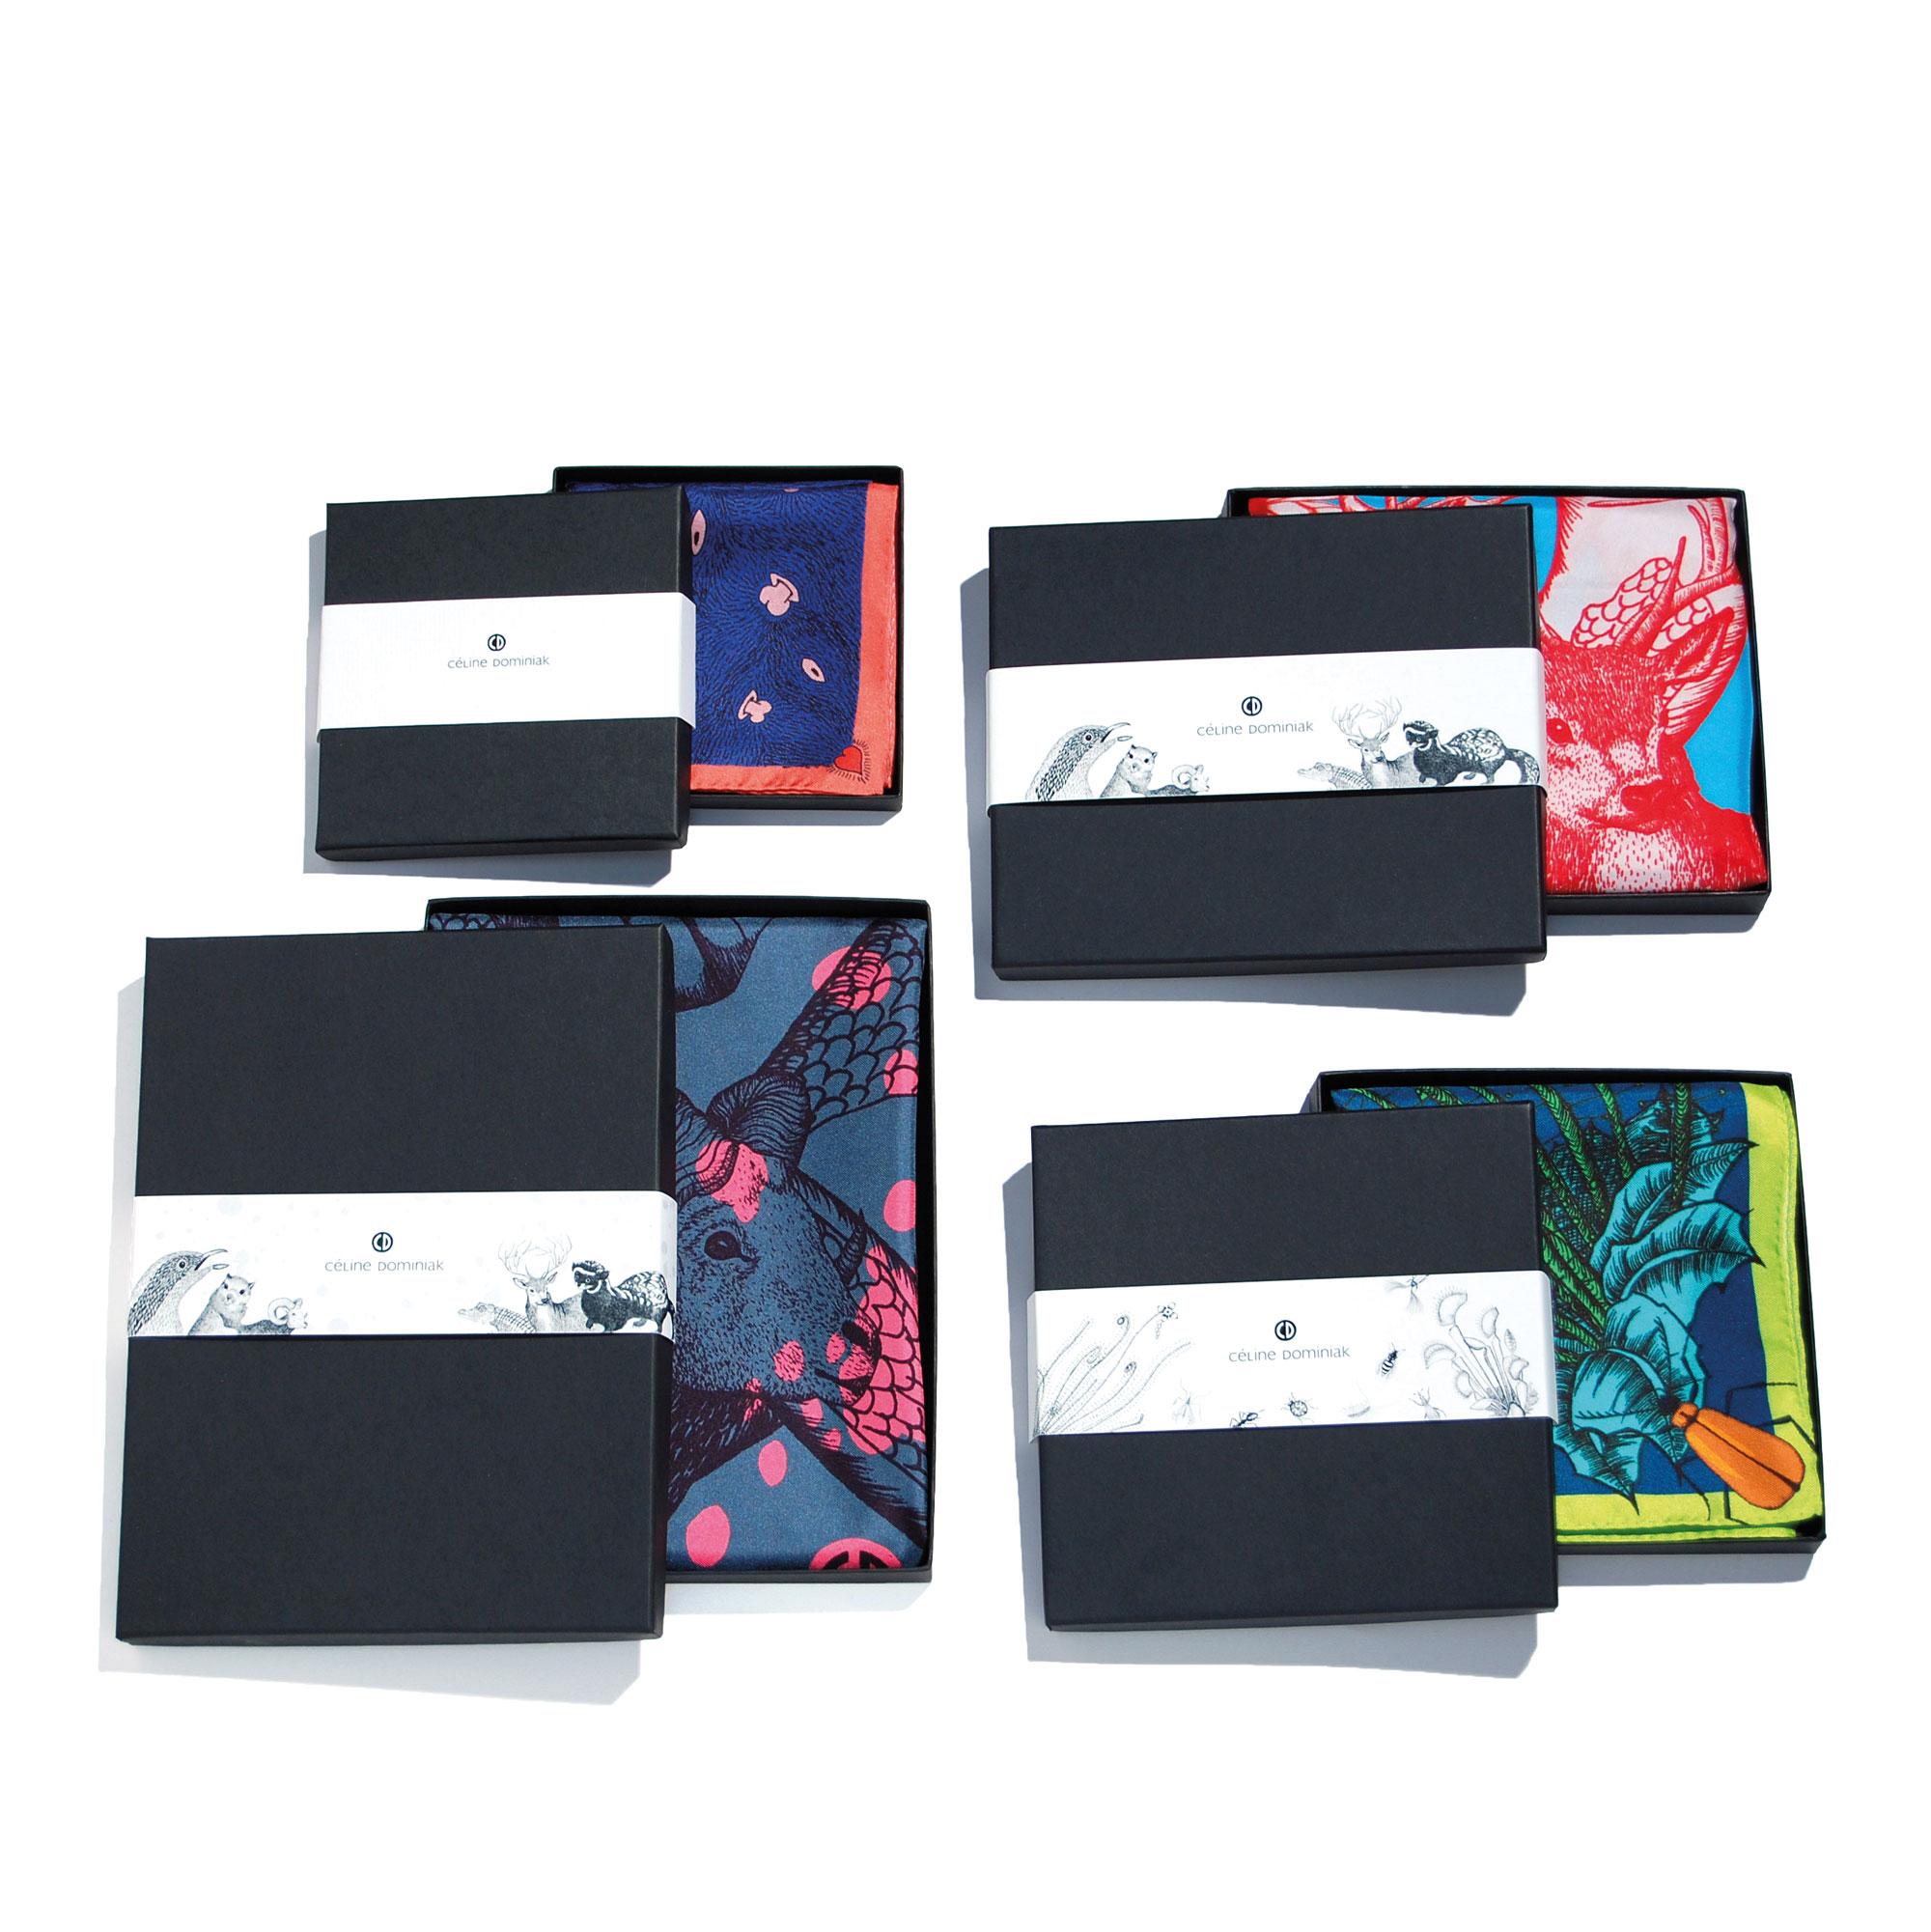 4 boites contenant des foulards colorés